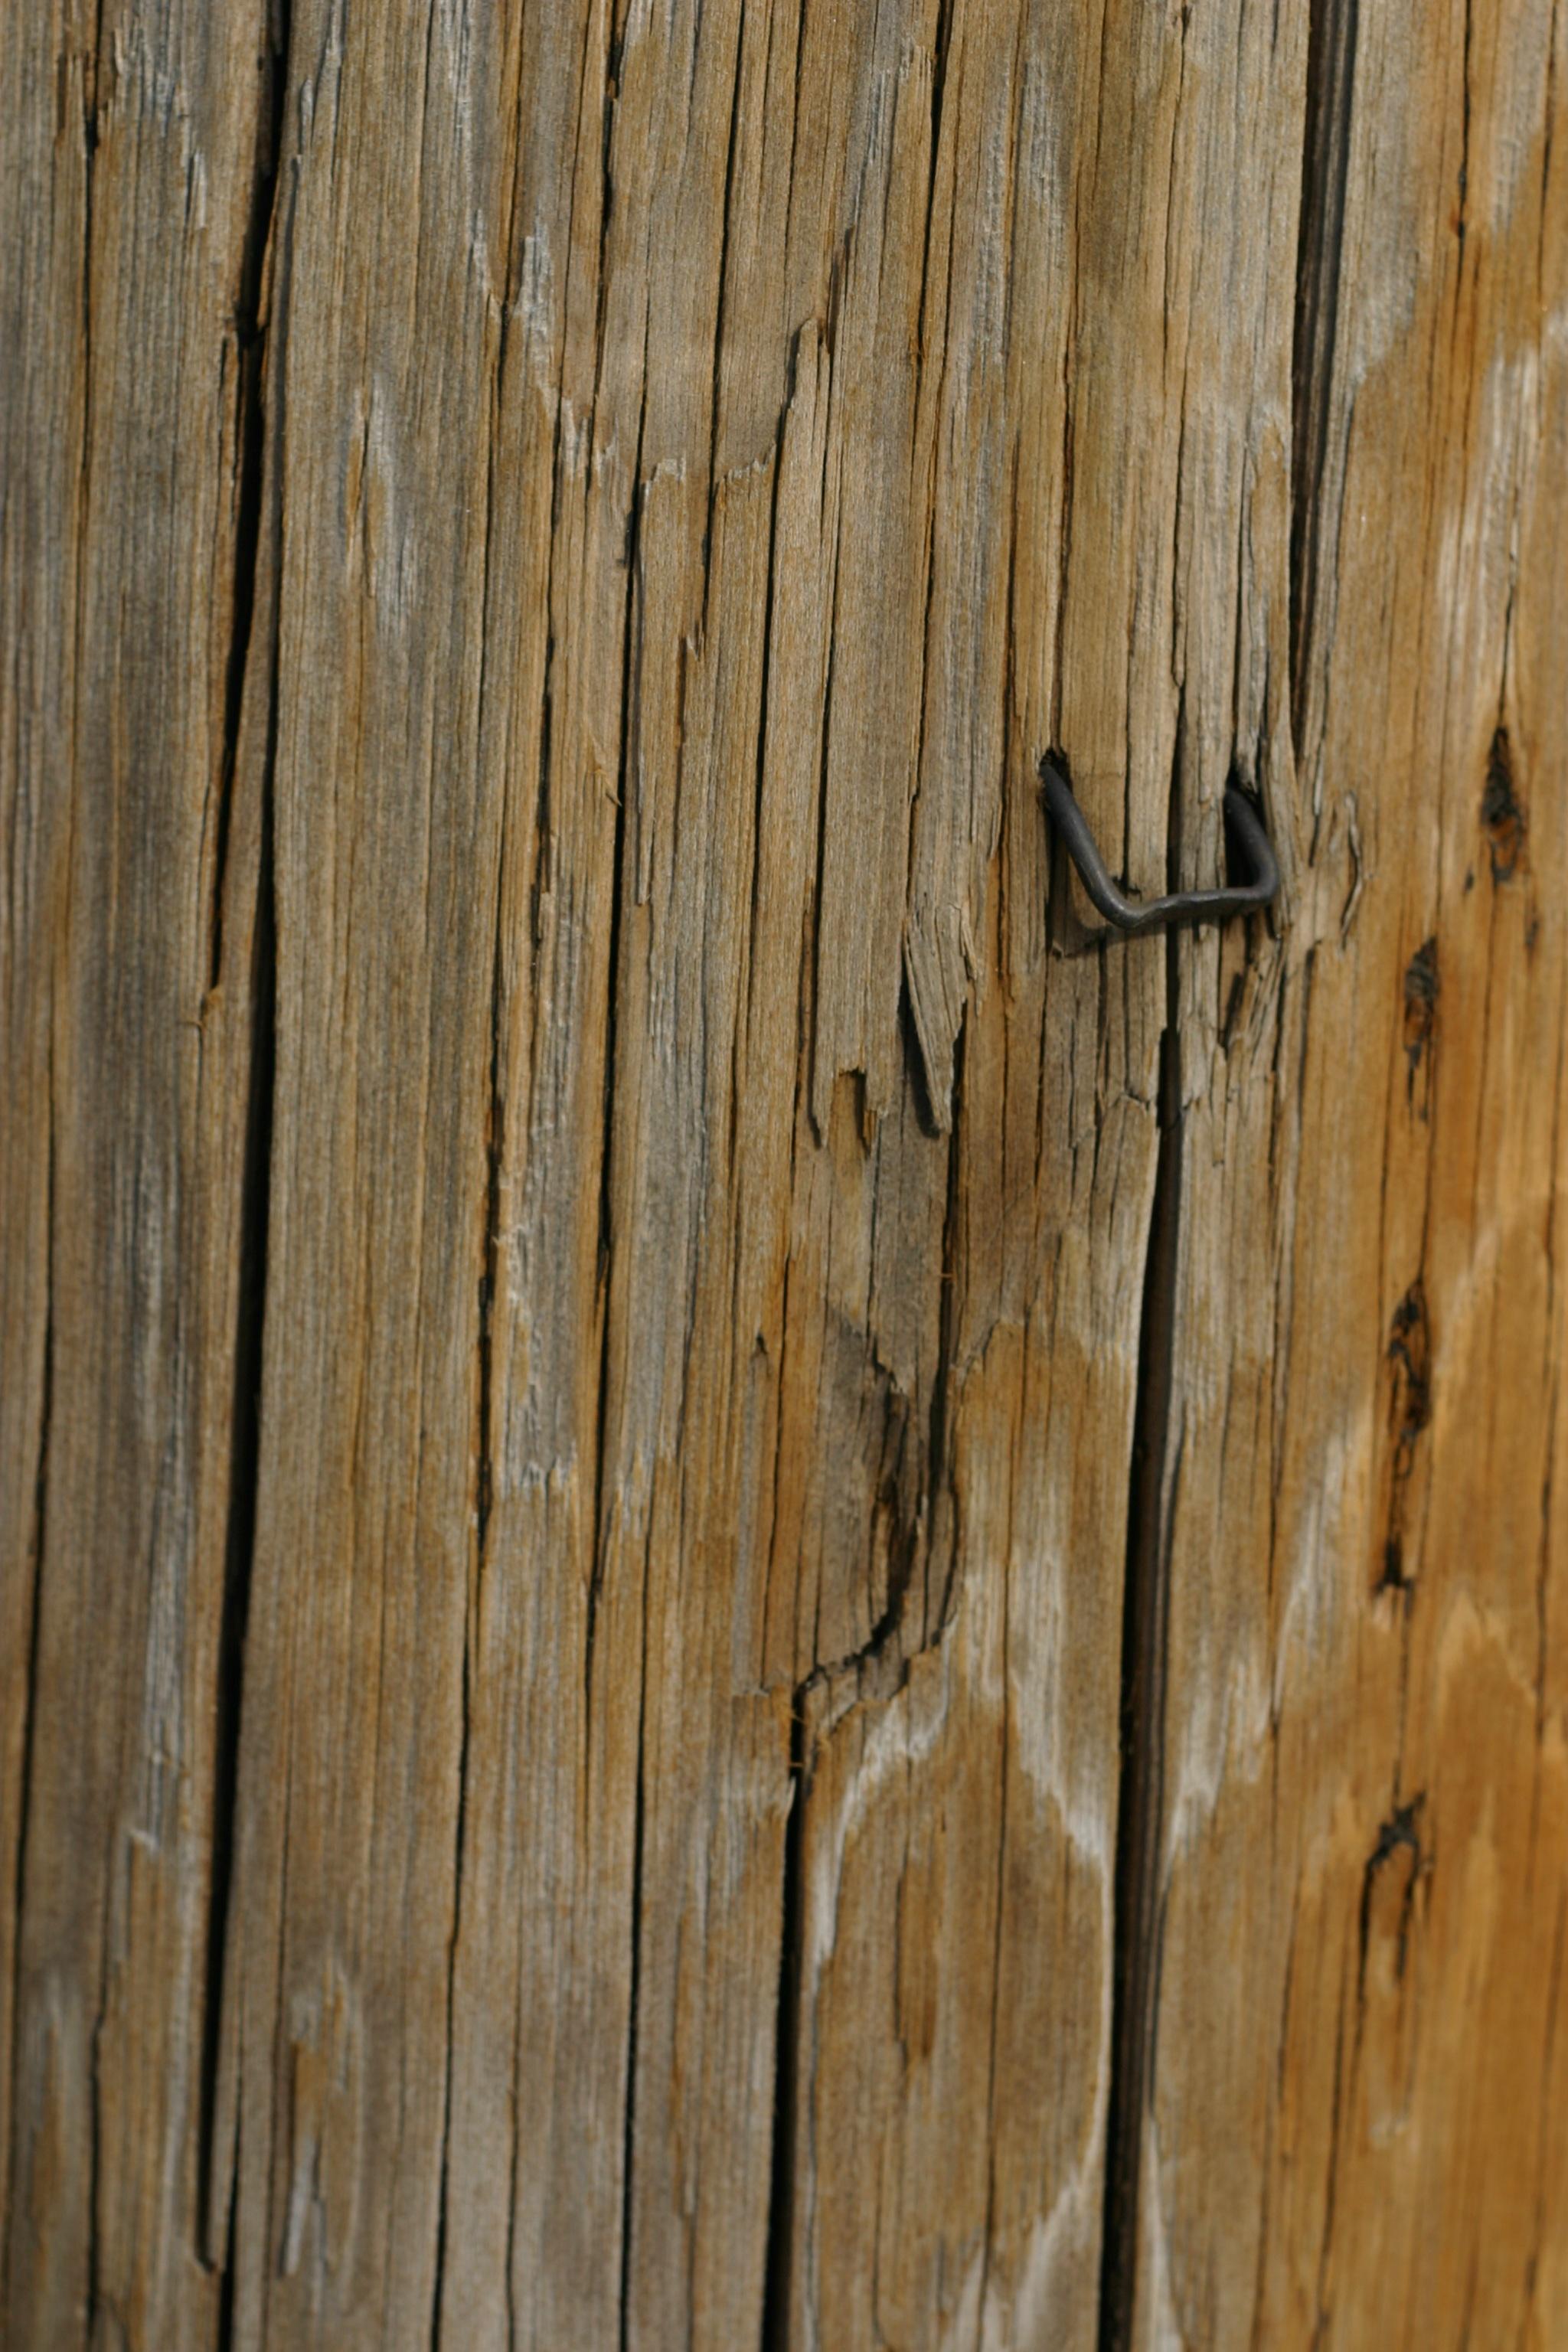 무료 이미지 : 분기, 조직, 널빤지, 트렁크, 벽, 흙, 재목, 전주 ...